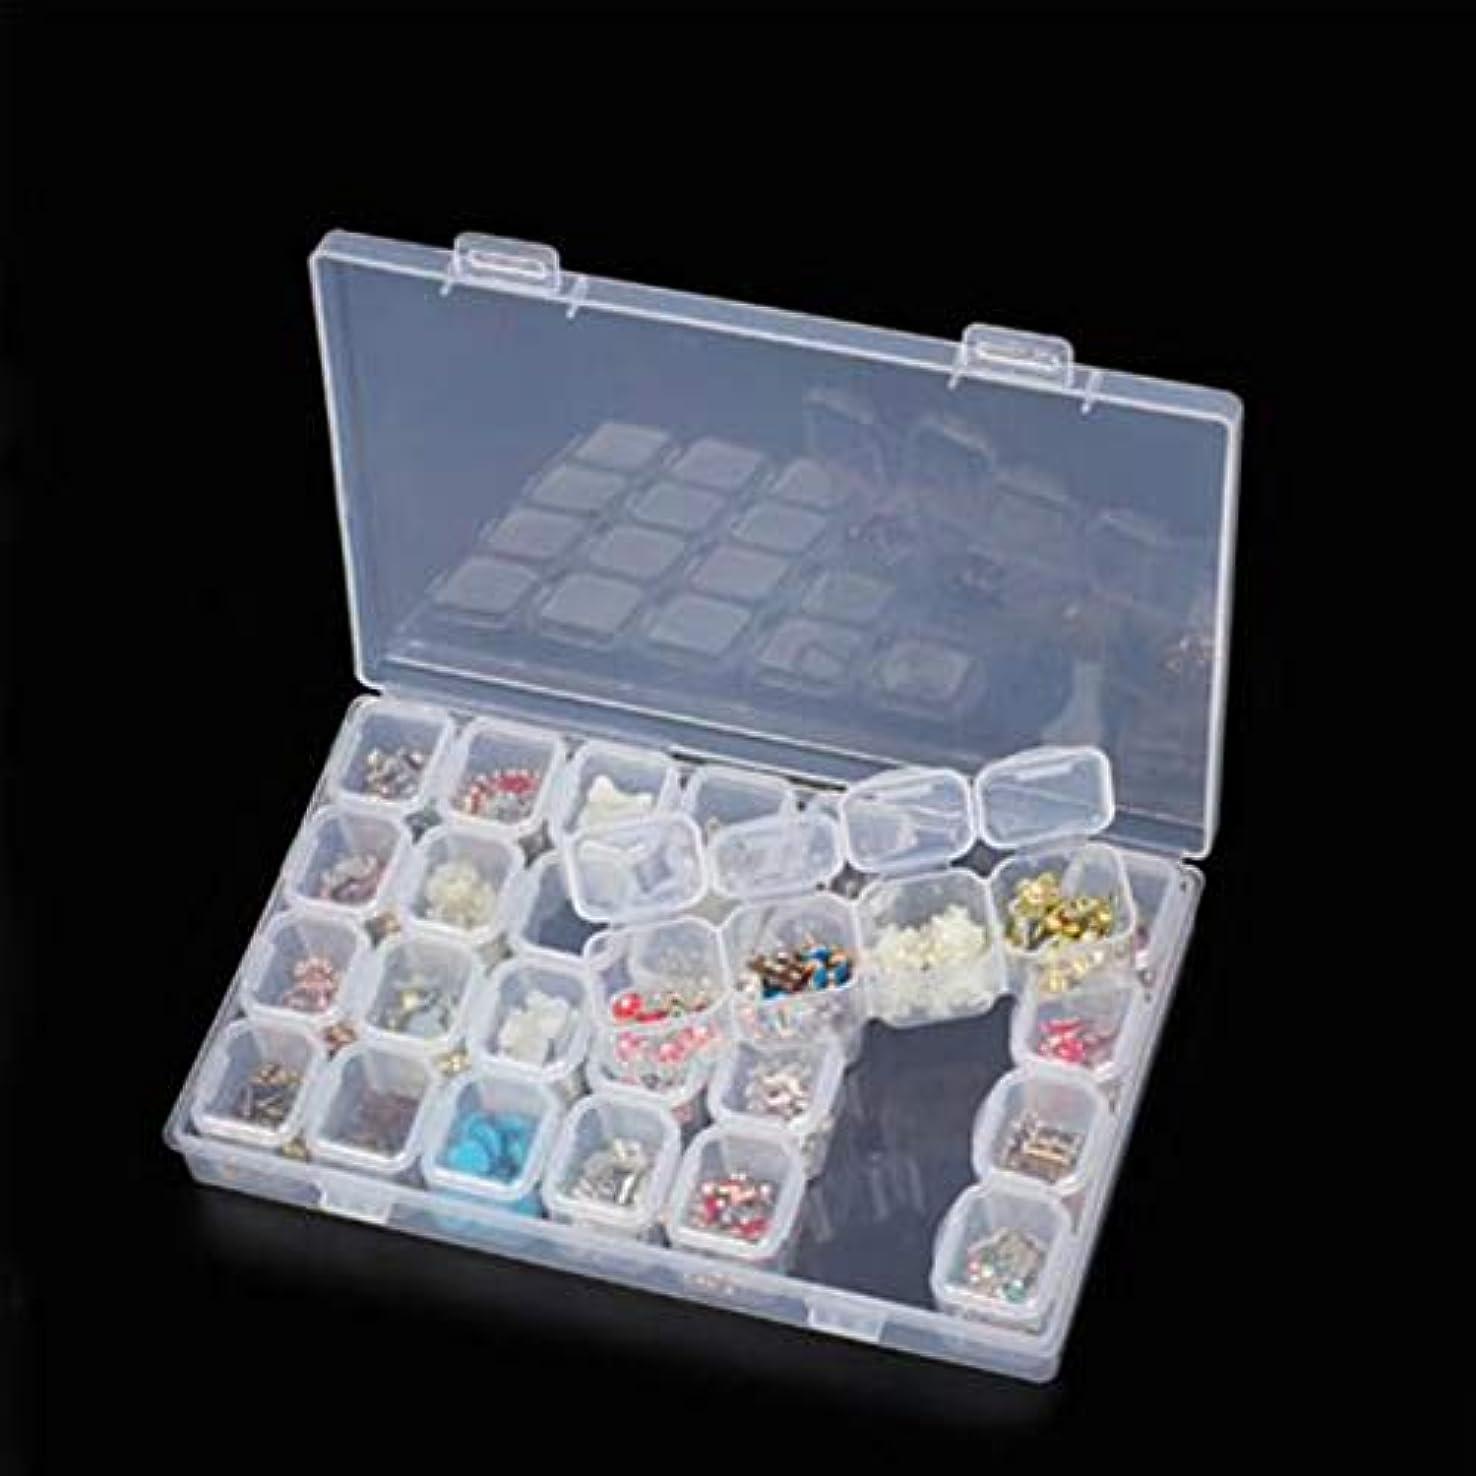 一般化するブランド有名人28スロットプラスチック収納ボックスボックスダイヤモンド塗装キットネールアートラインツールズ収納収納ボックスケースオーガナイザーホルダー(透明)